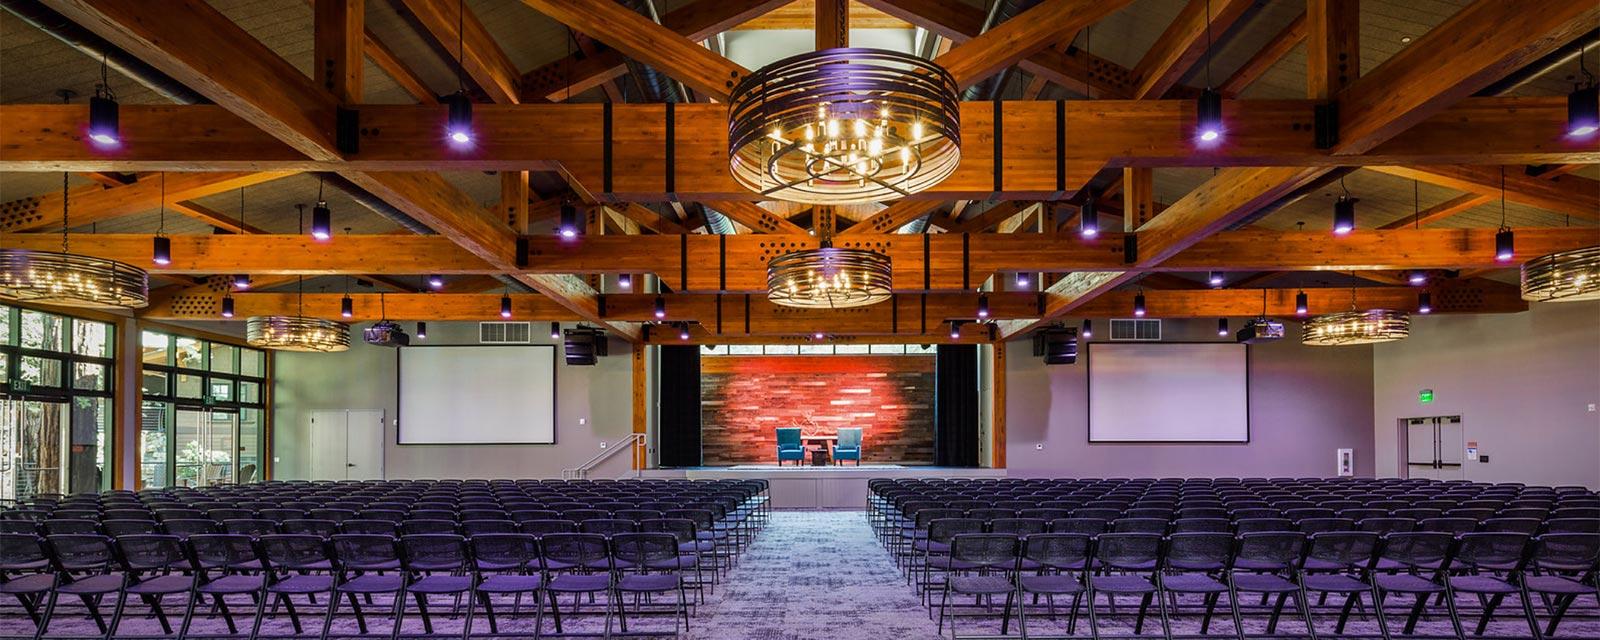 Redwood-auditorium.jpg